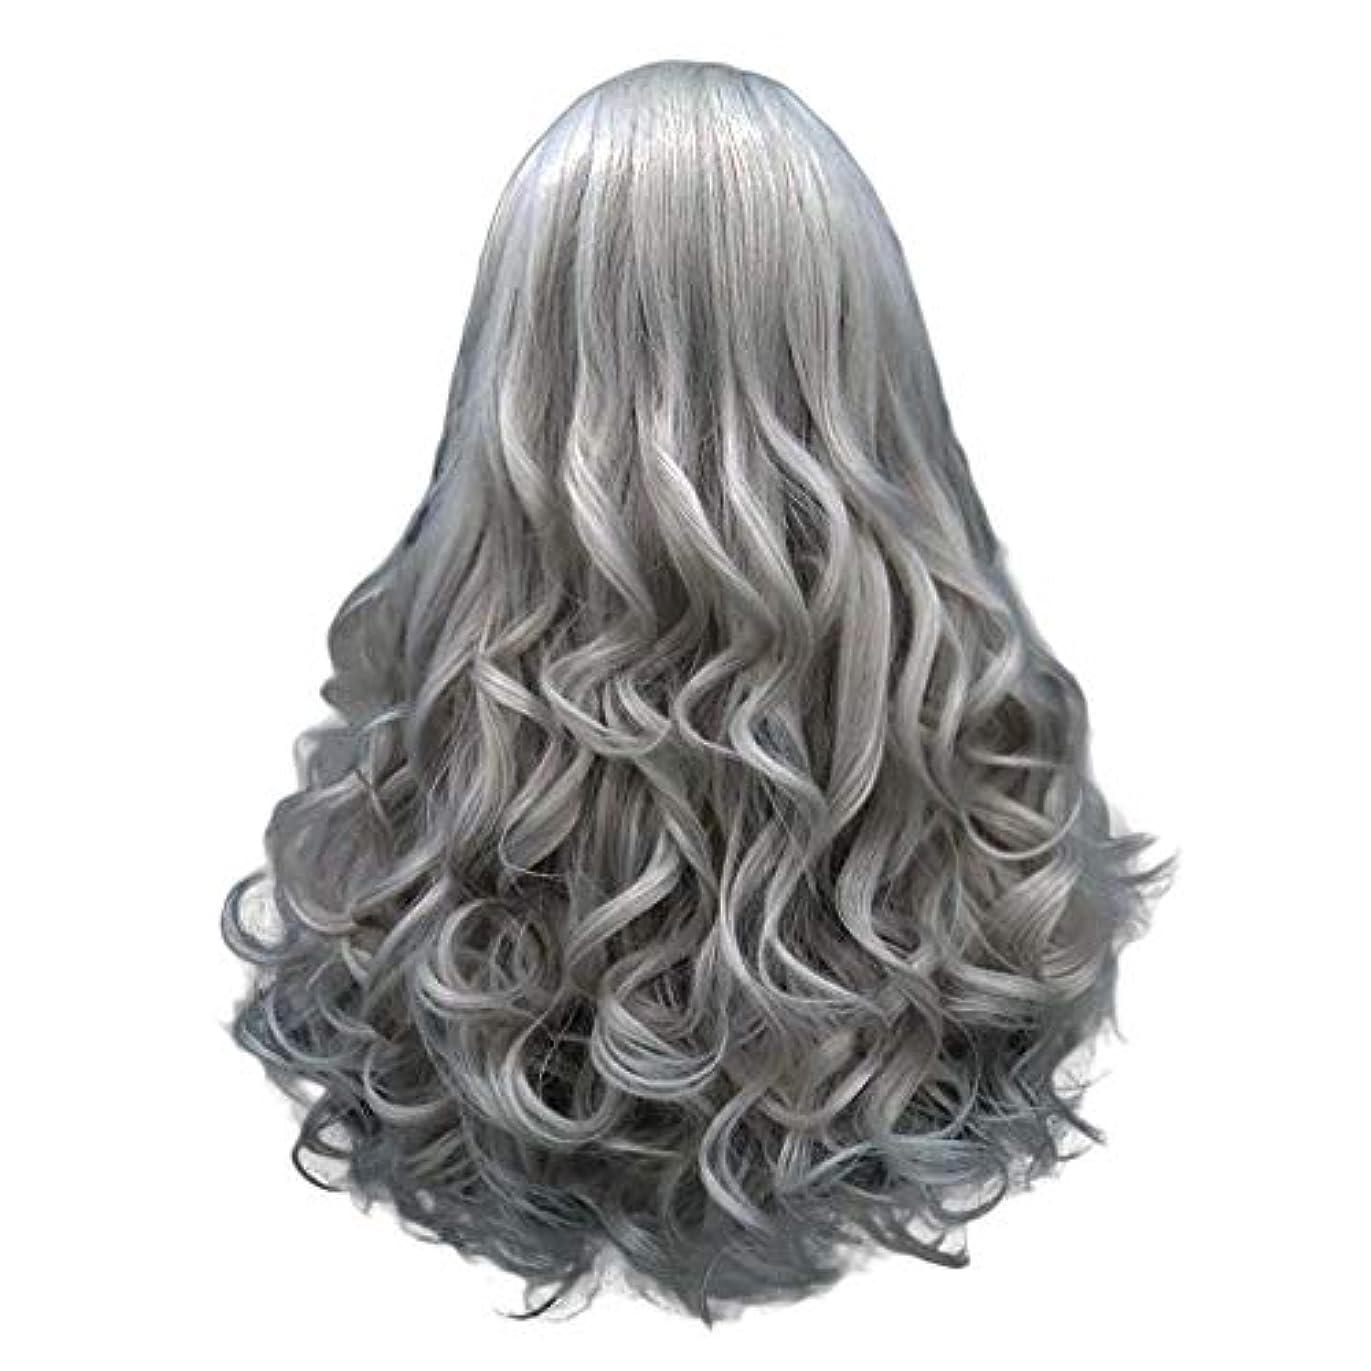 雰囲気統治する世界に死んだ長い巻き毛の混合カラーセクシーなグラデーショングレーパーティーウィッグ